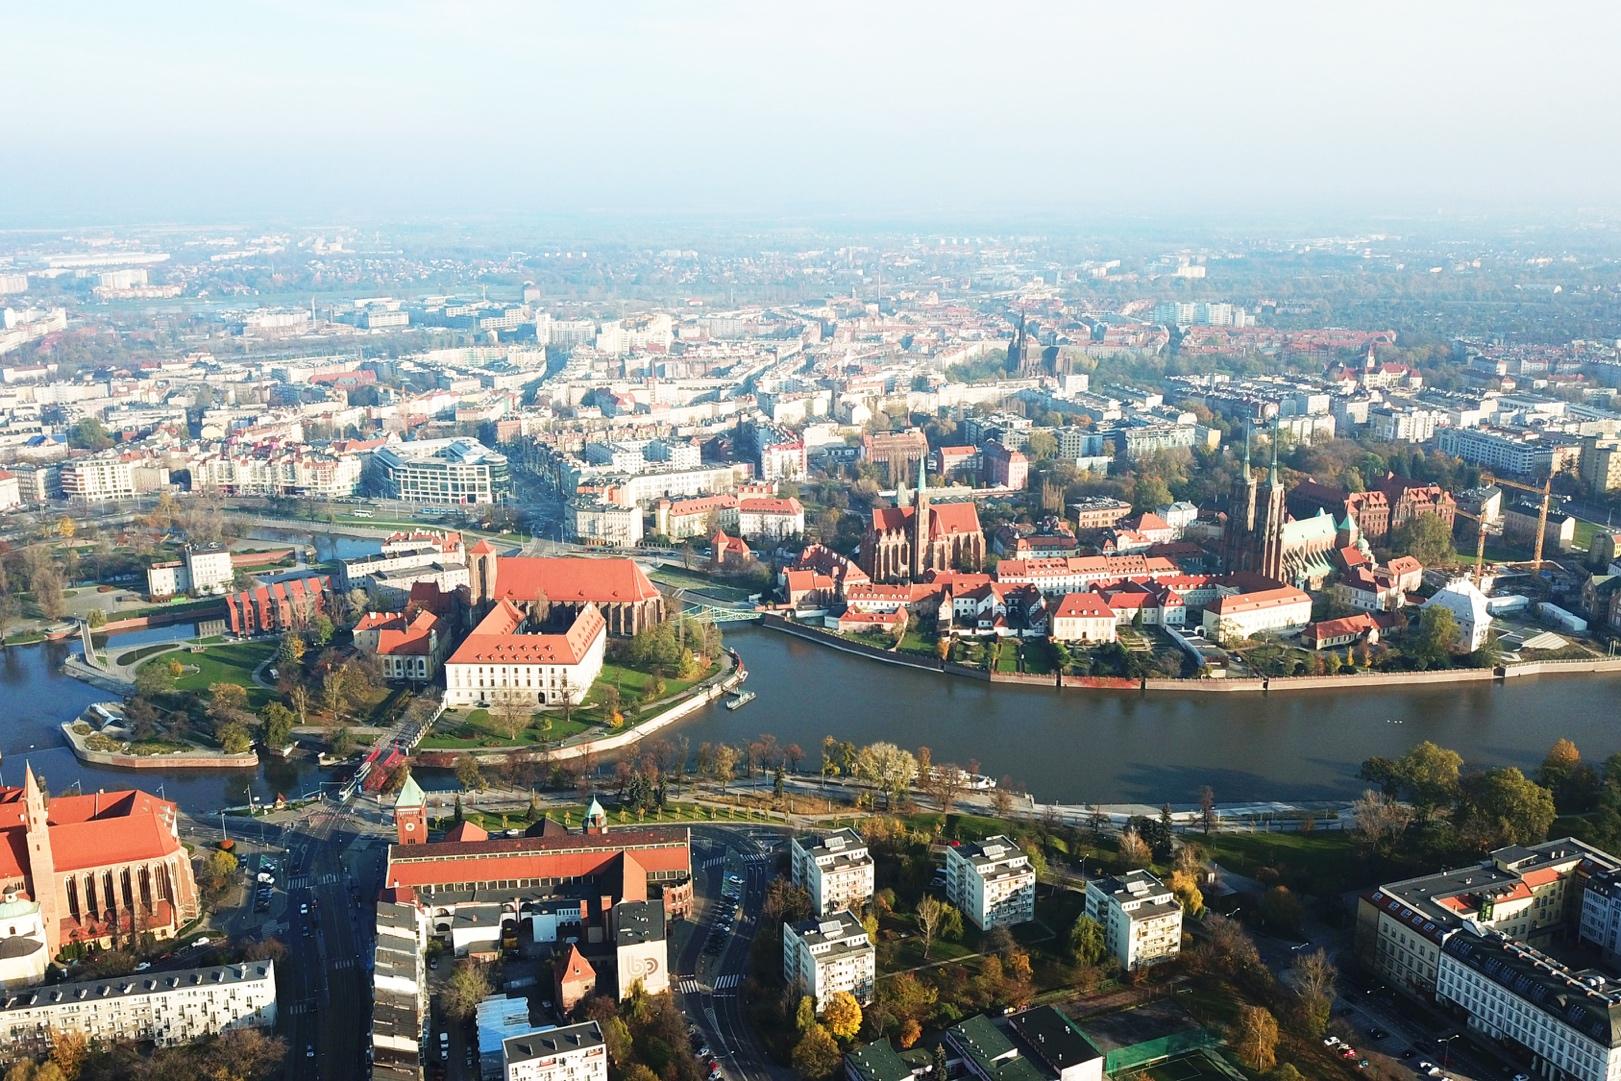 ../../Connect/Poland/วรอตสวัฟ%20Wroclaw/DJI_0105.JPG